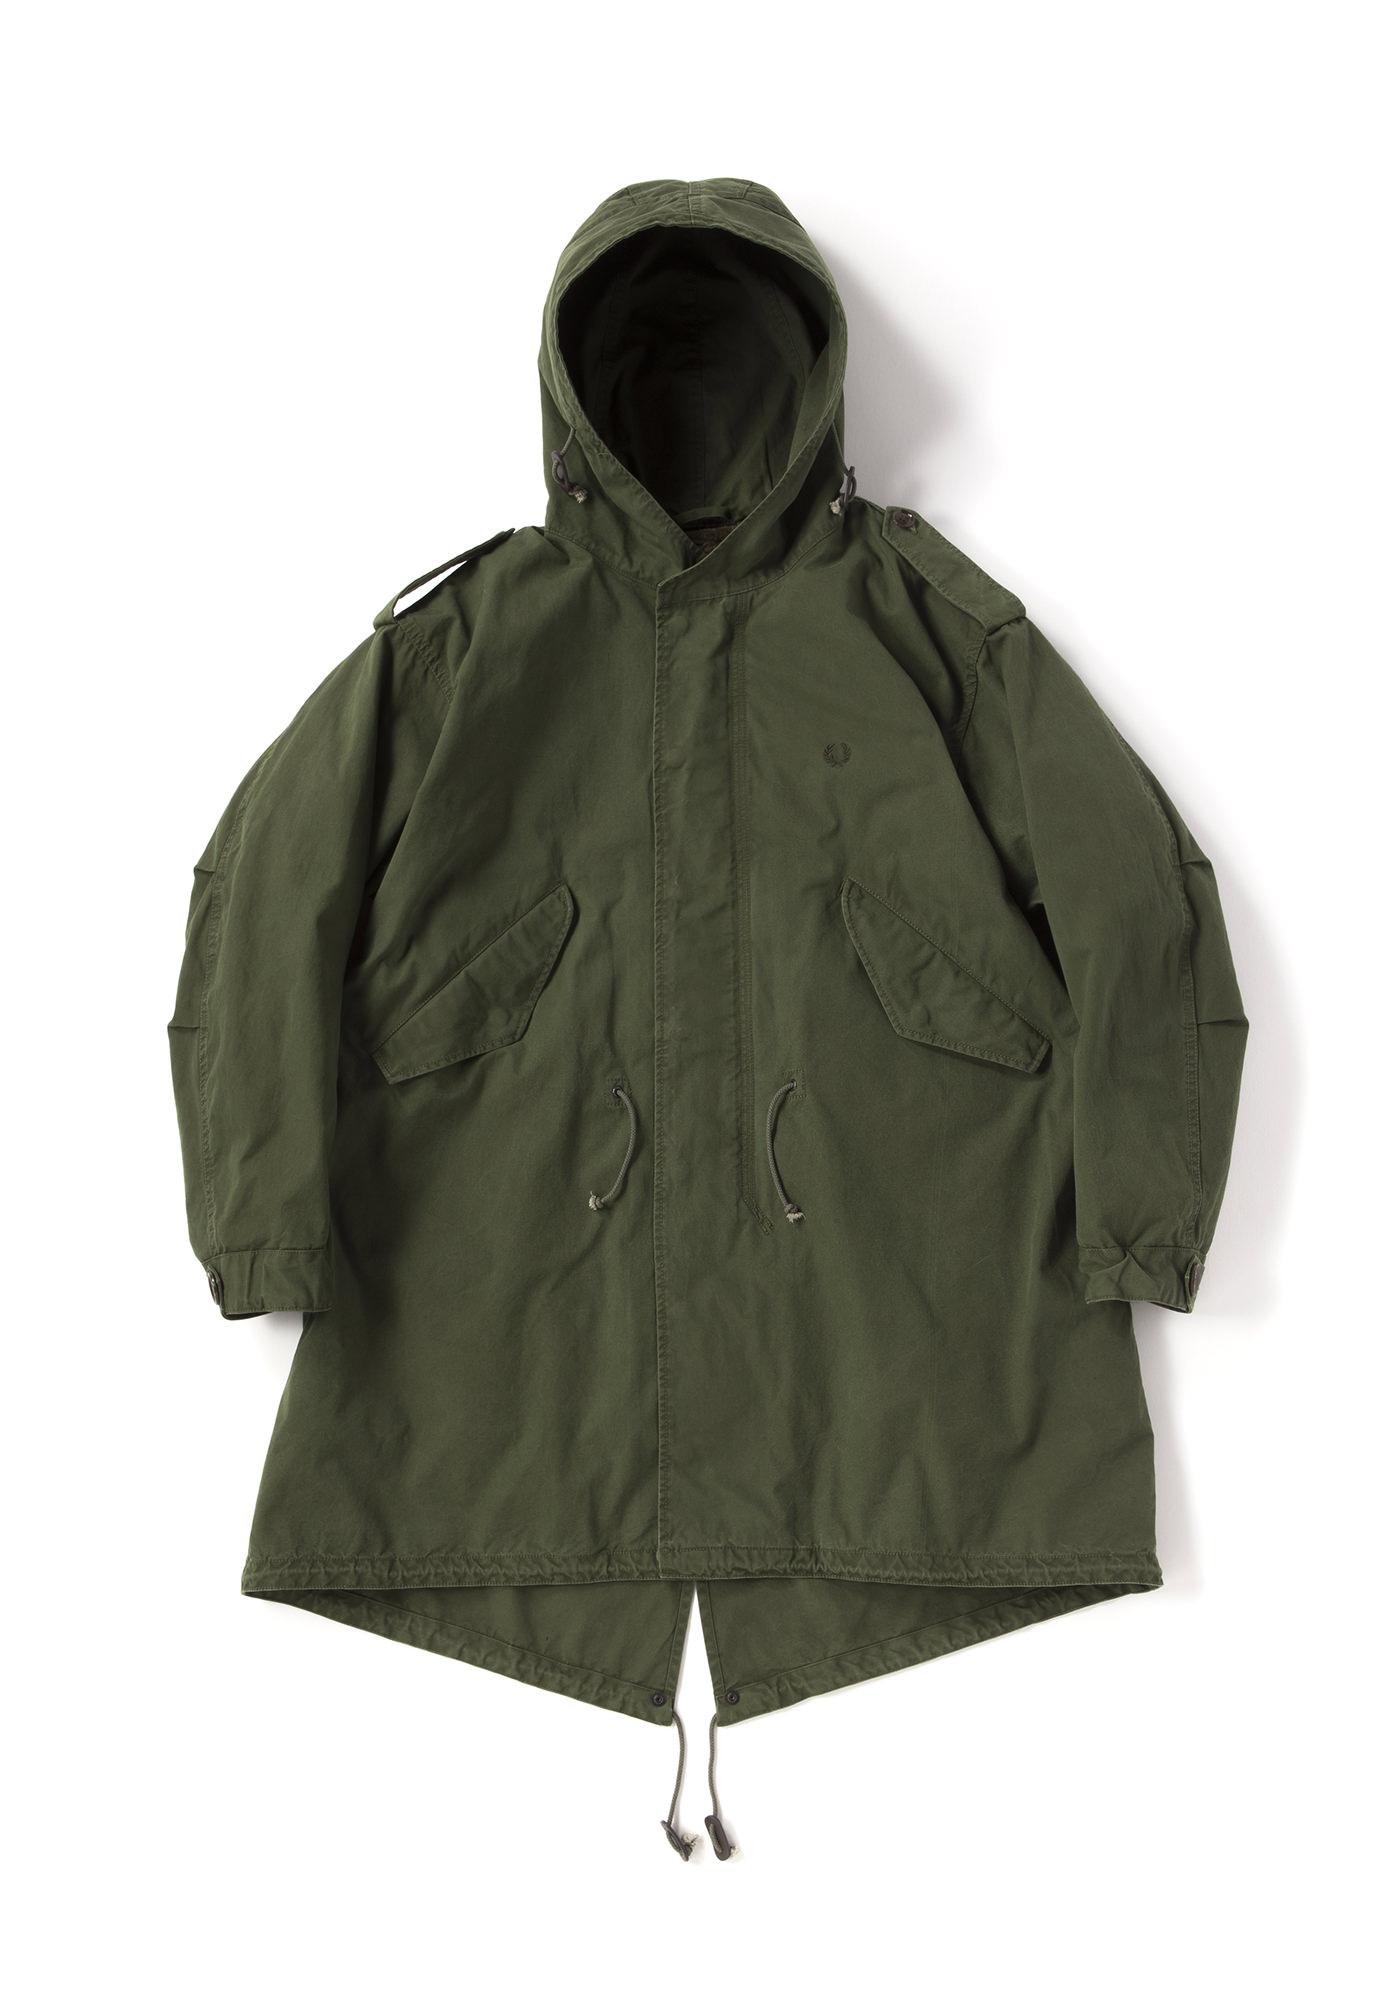 僕とシッポと神楽坂で嵐の相葉雅紀さん着用の衣装・FRED PERRY M51 - FISHTAIL PARKA